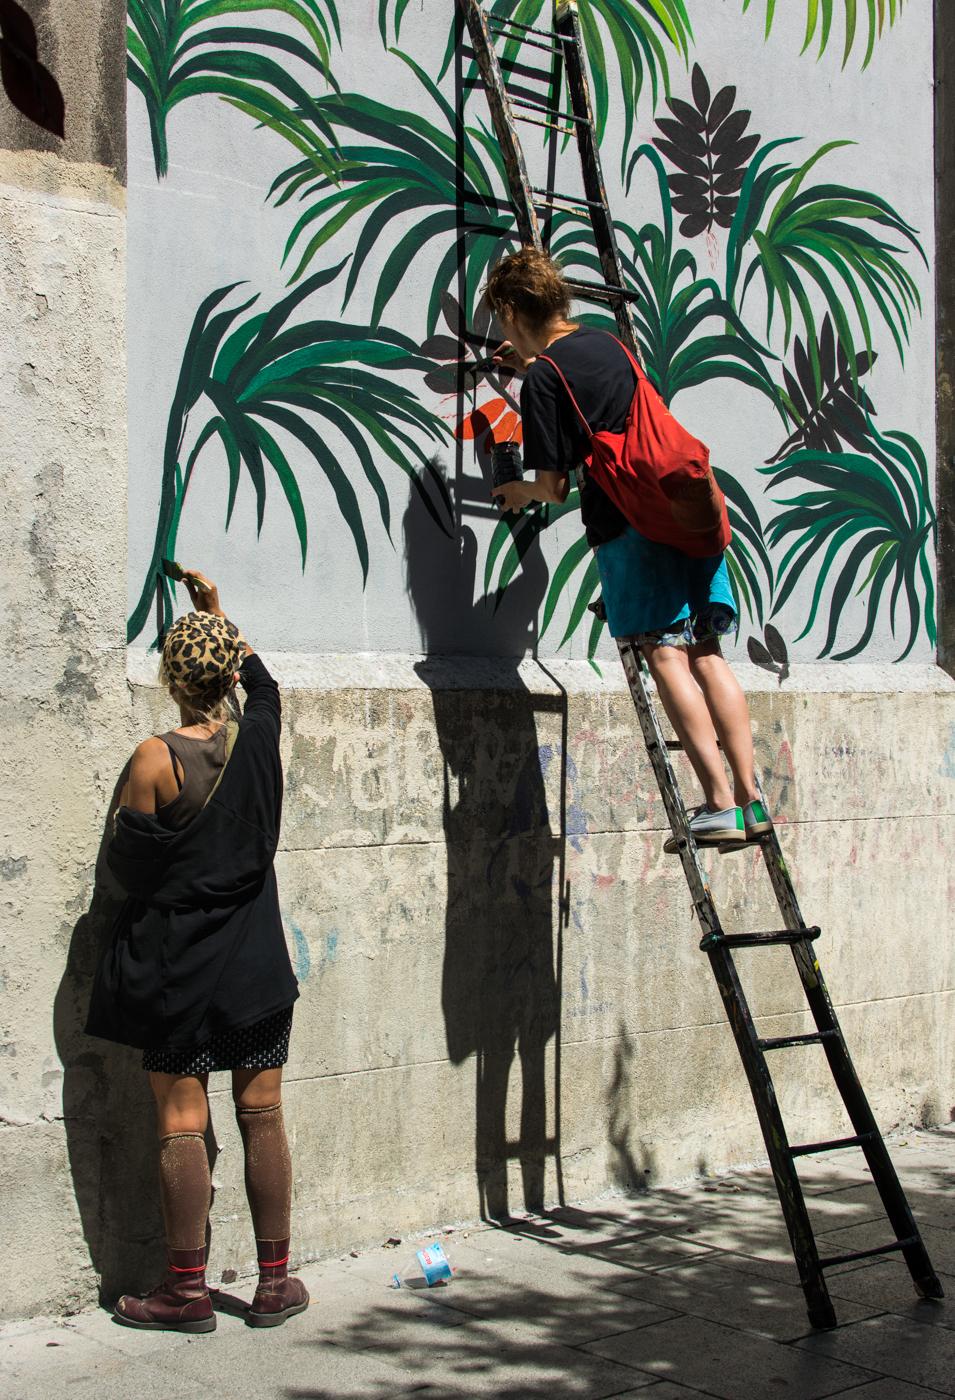 Btoy - MurosTabacalera by Guillermo de la Madrid - Madrid Street Art Project-001.jpg